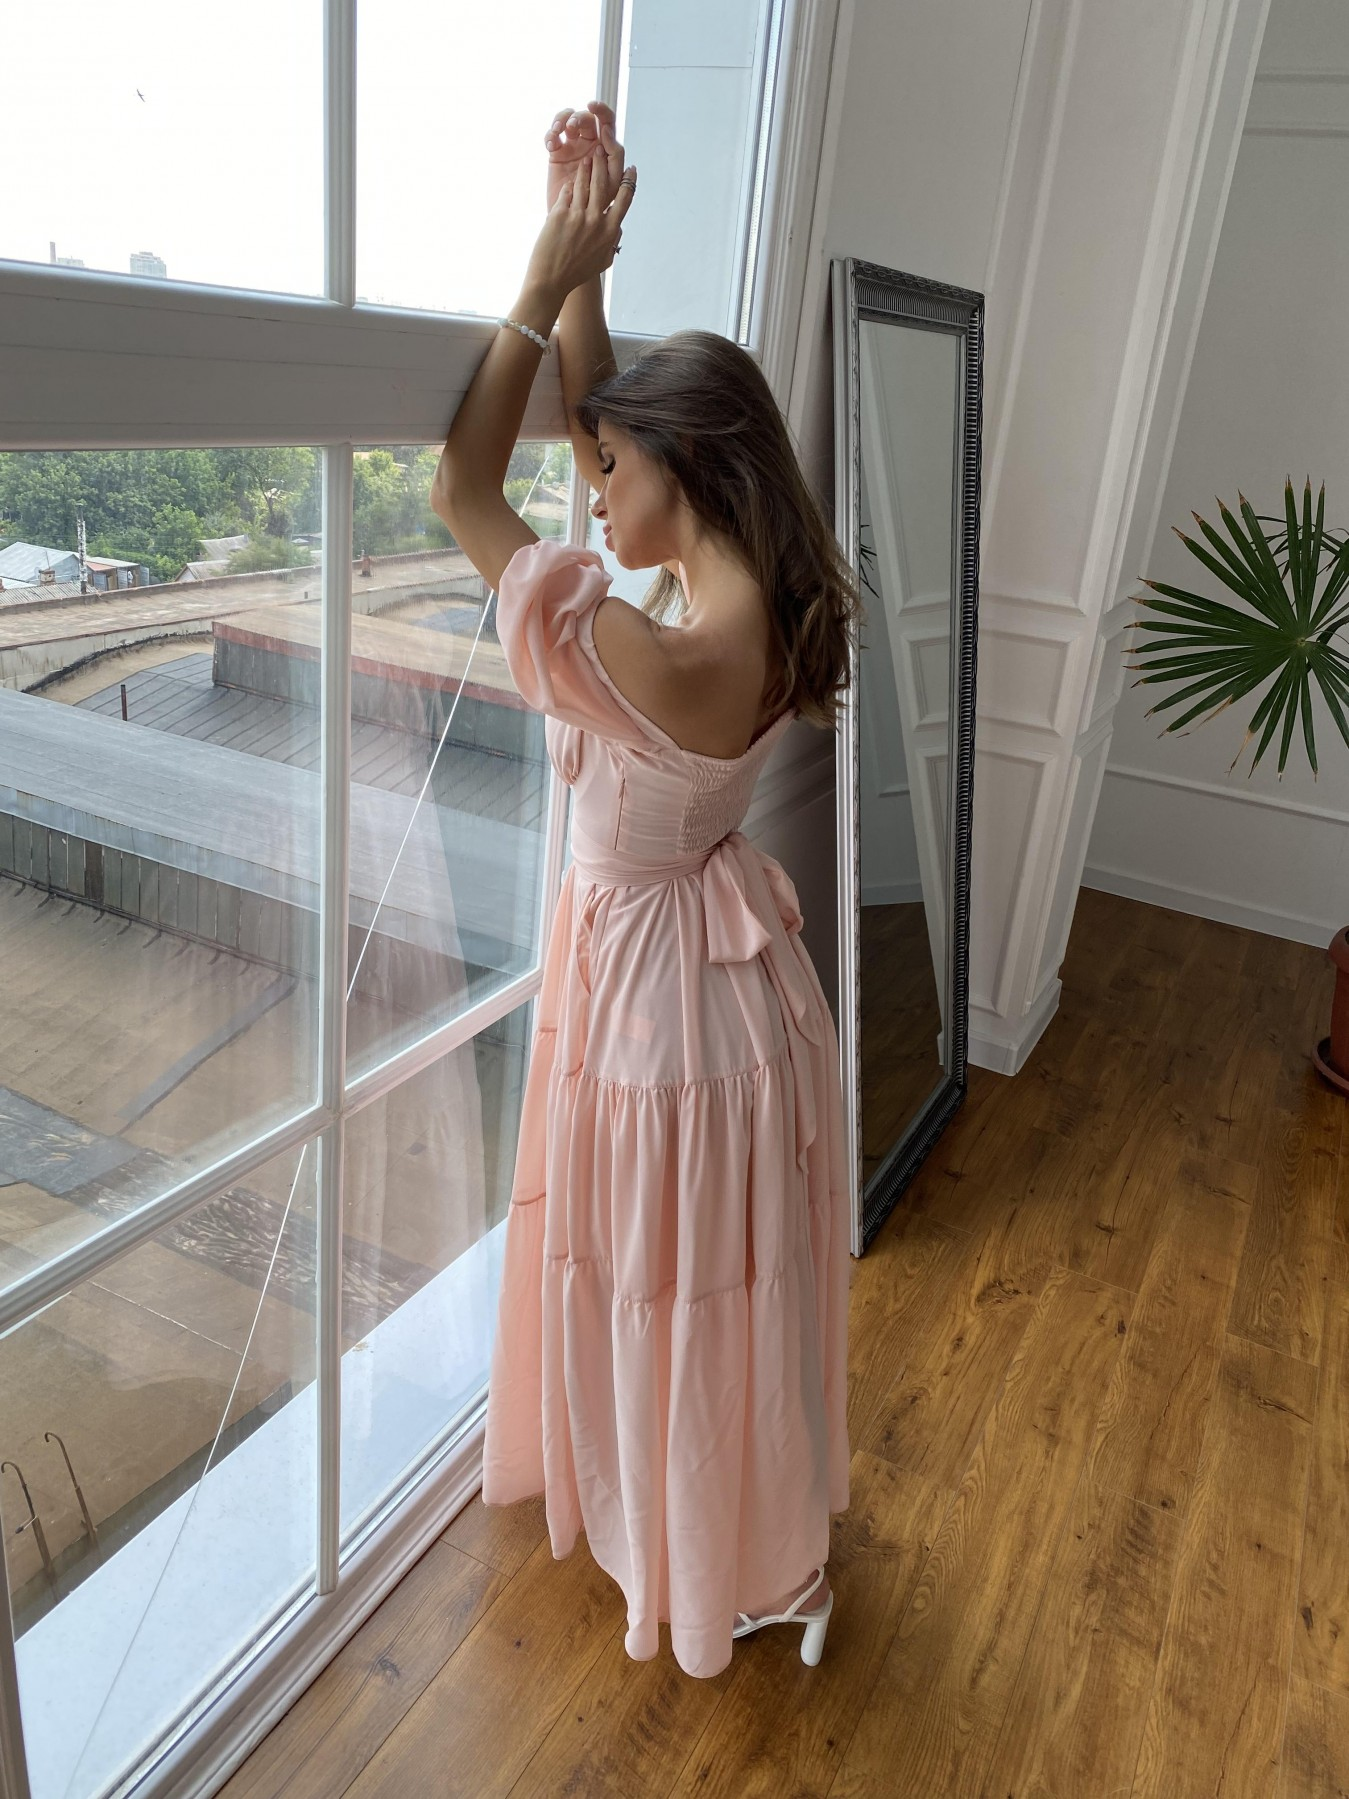 Сейшелы платье креп шифон 11519 АРТ. 48201 Цвет: Персик 17 - фото 9, интернет магазин tm-modus.ru